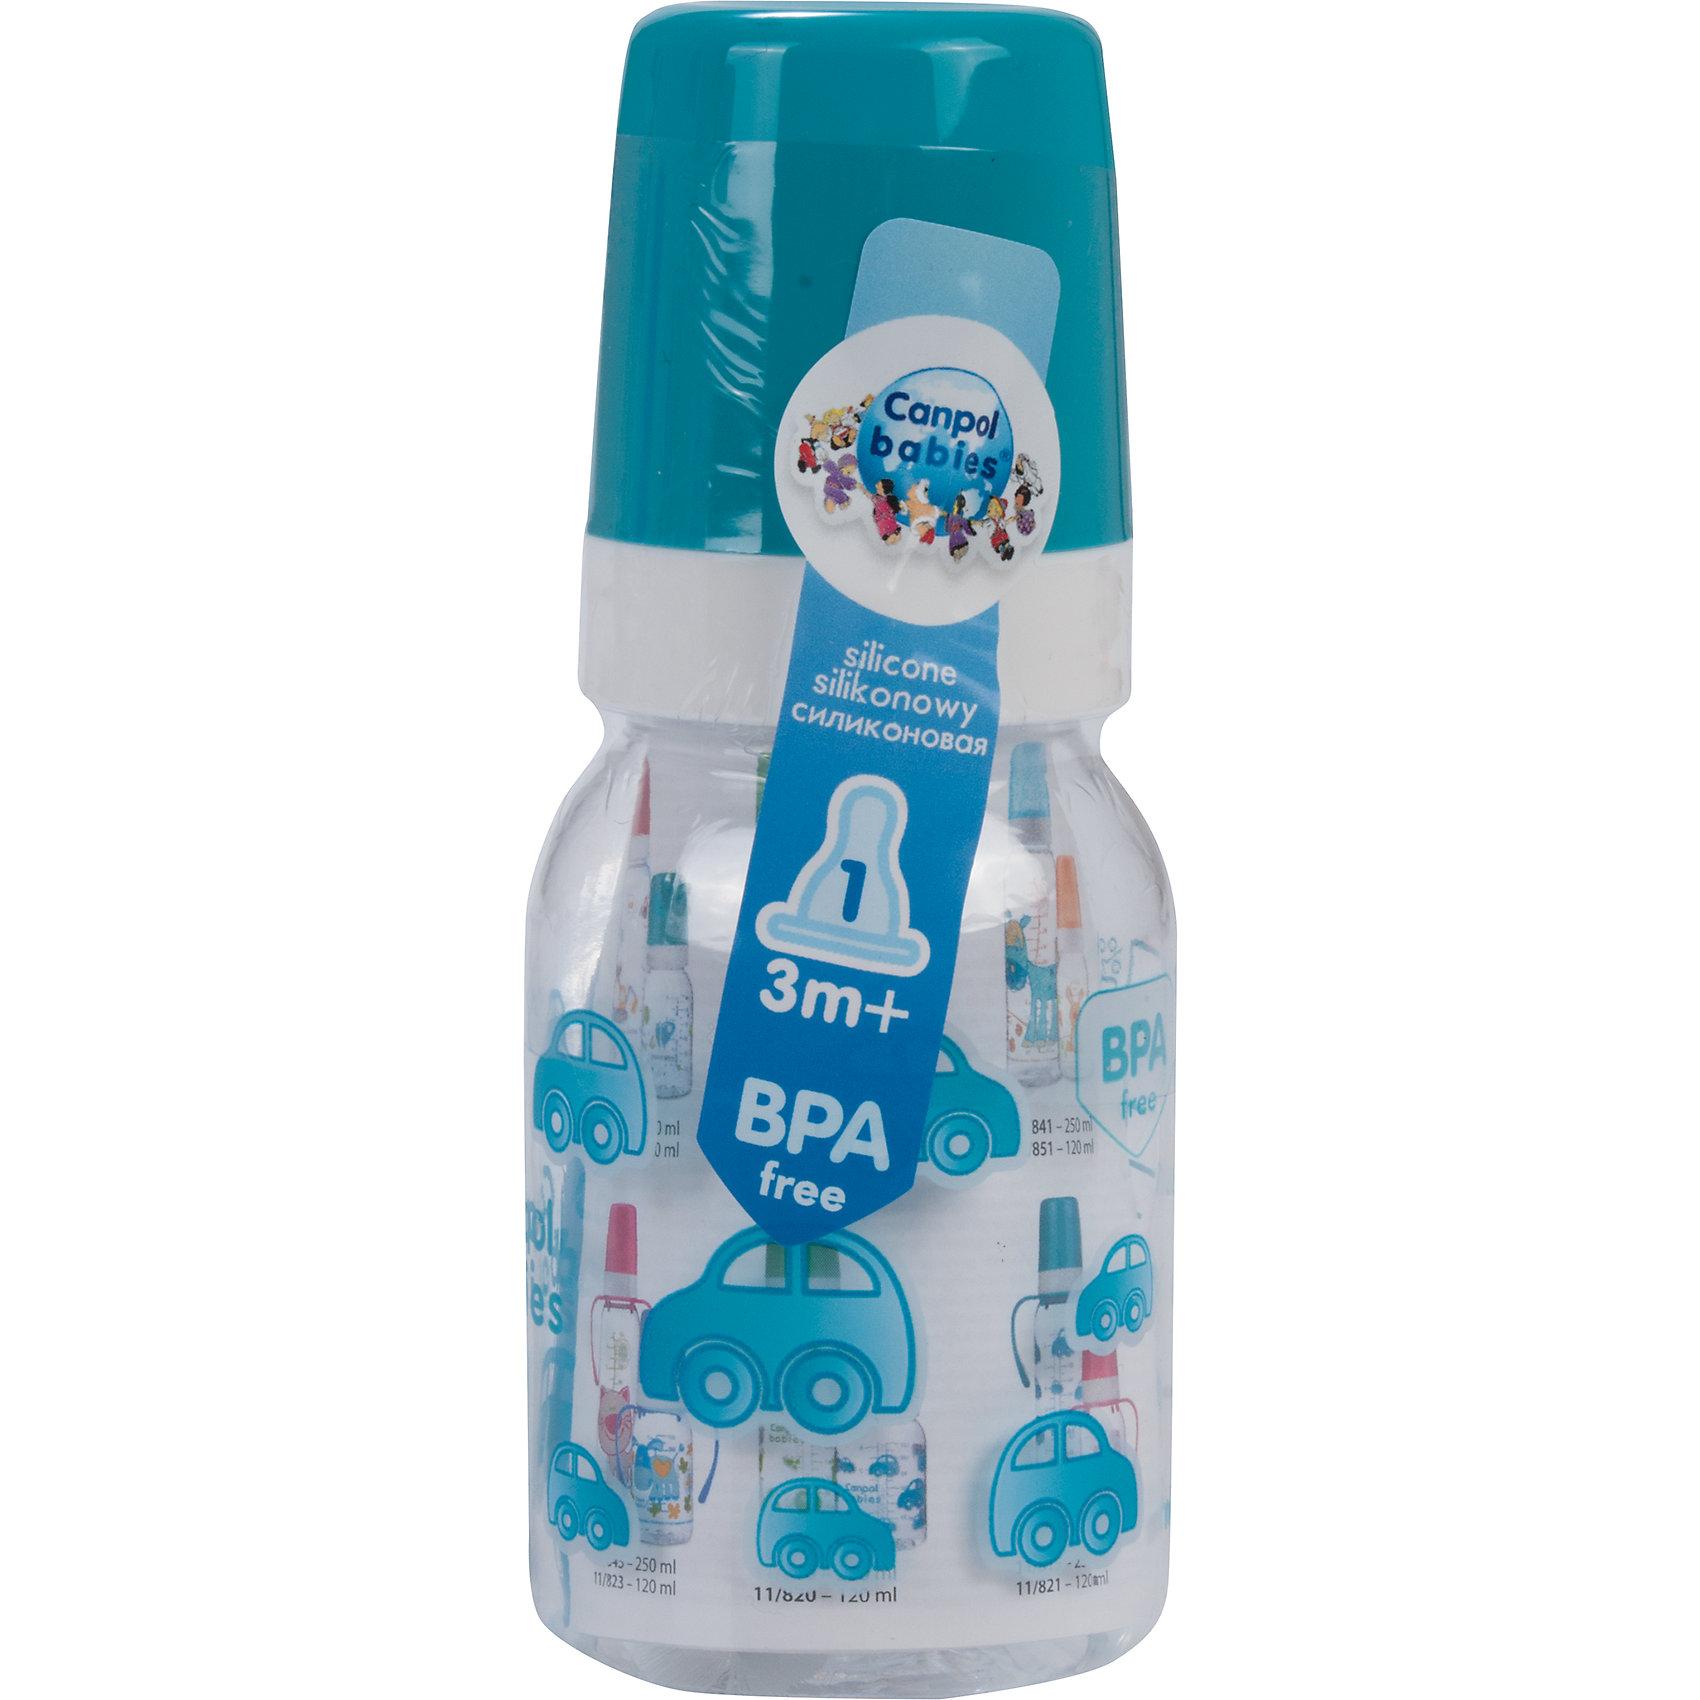 Canpol Babies Бутылочка тритановая (BPA 0%) с сил. соской, 120 мл. 3+, Canpol Babies, бирюзовый canpol babies бутылочка тритановая bpa 0